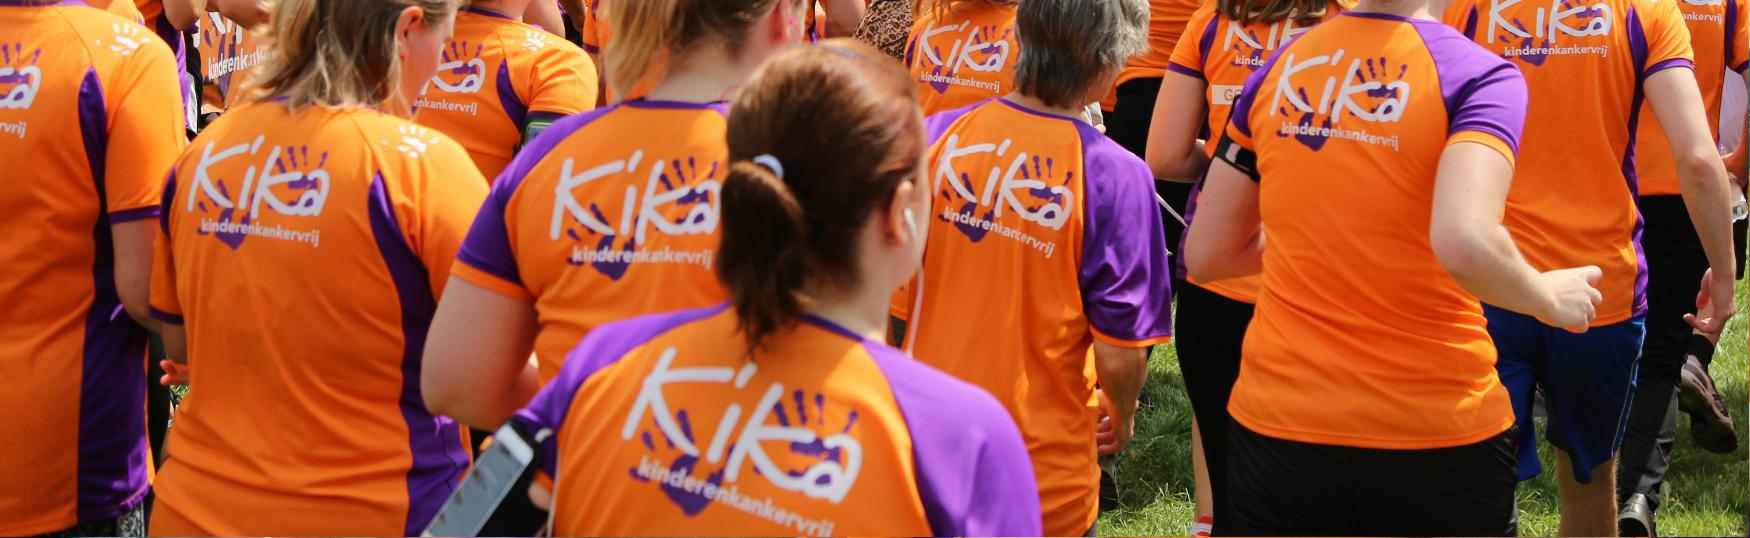 Hardlopers rennen samen voor het goede doel Stichting Kinderen Kankervrij (KiKa) bij Run for KiKa.